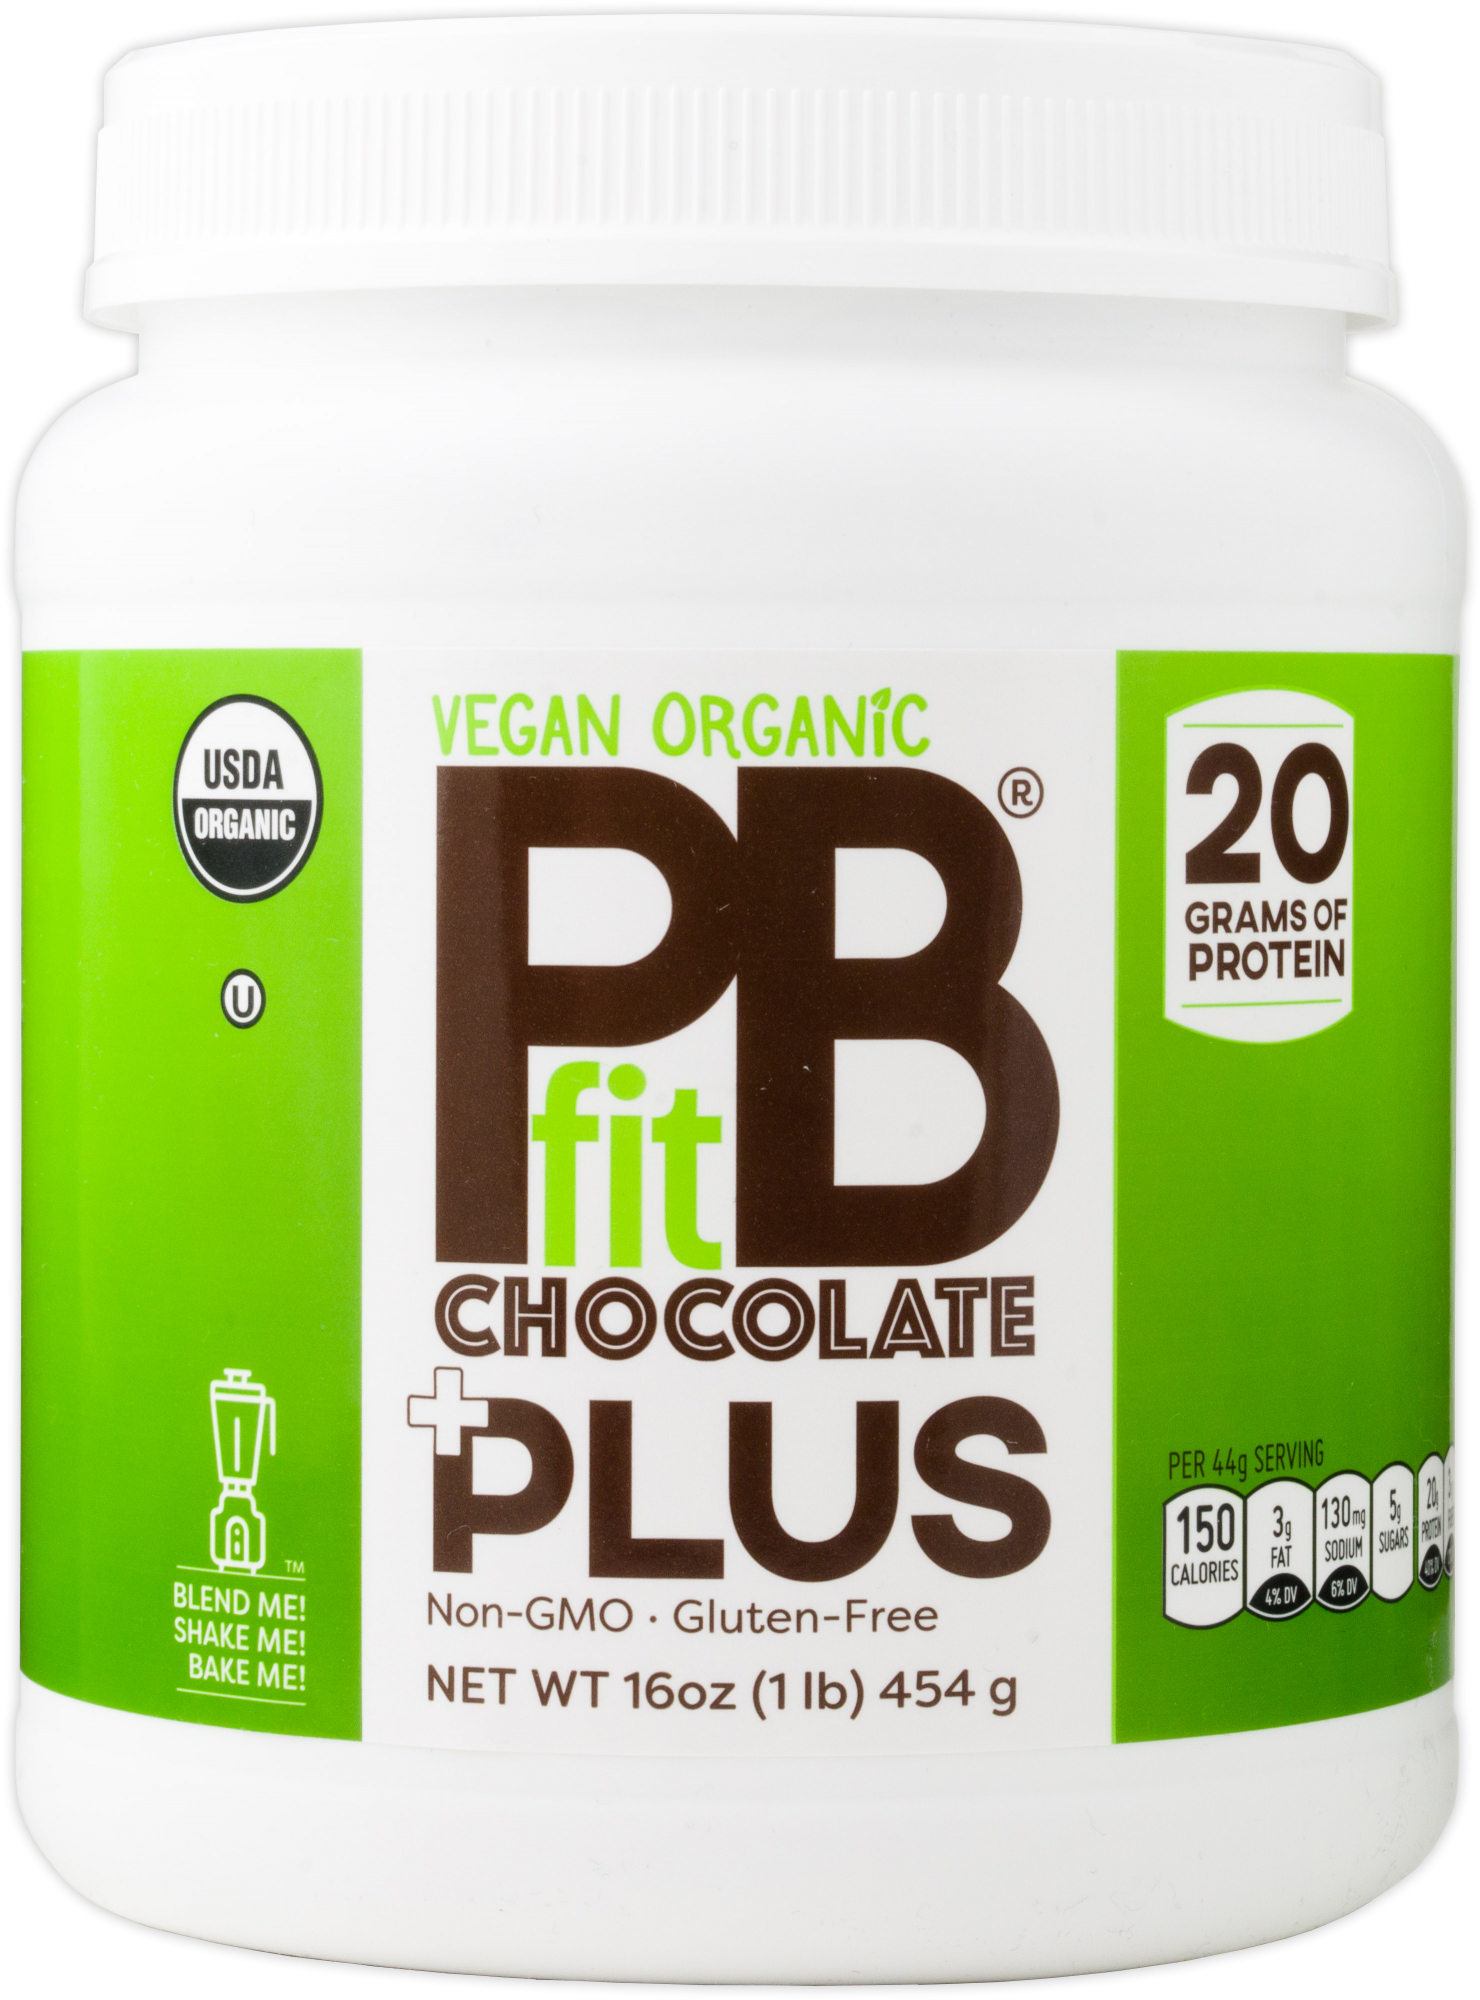 PBfit Vegan Organic Chocolate Plus Protein - 1lb 856260006593